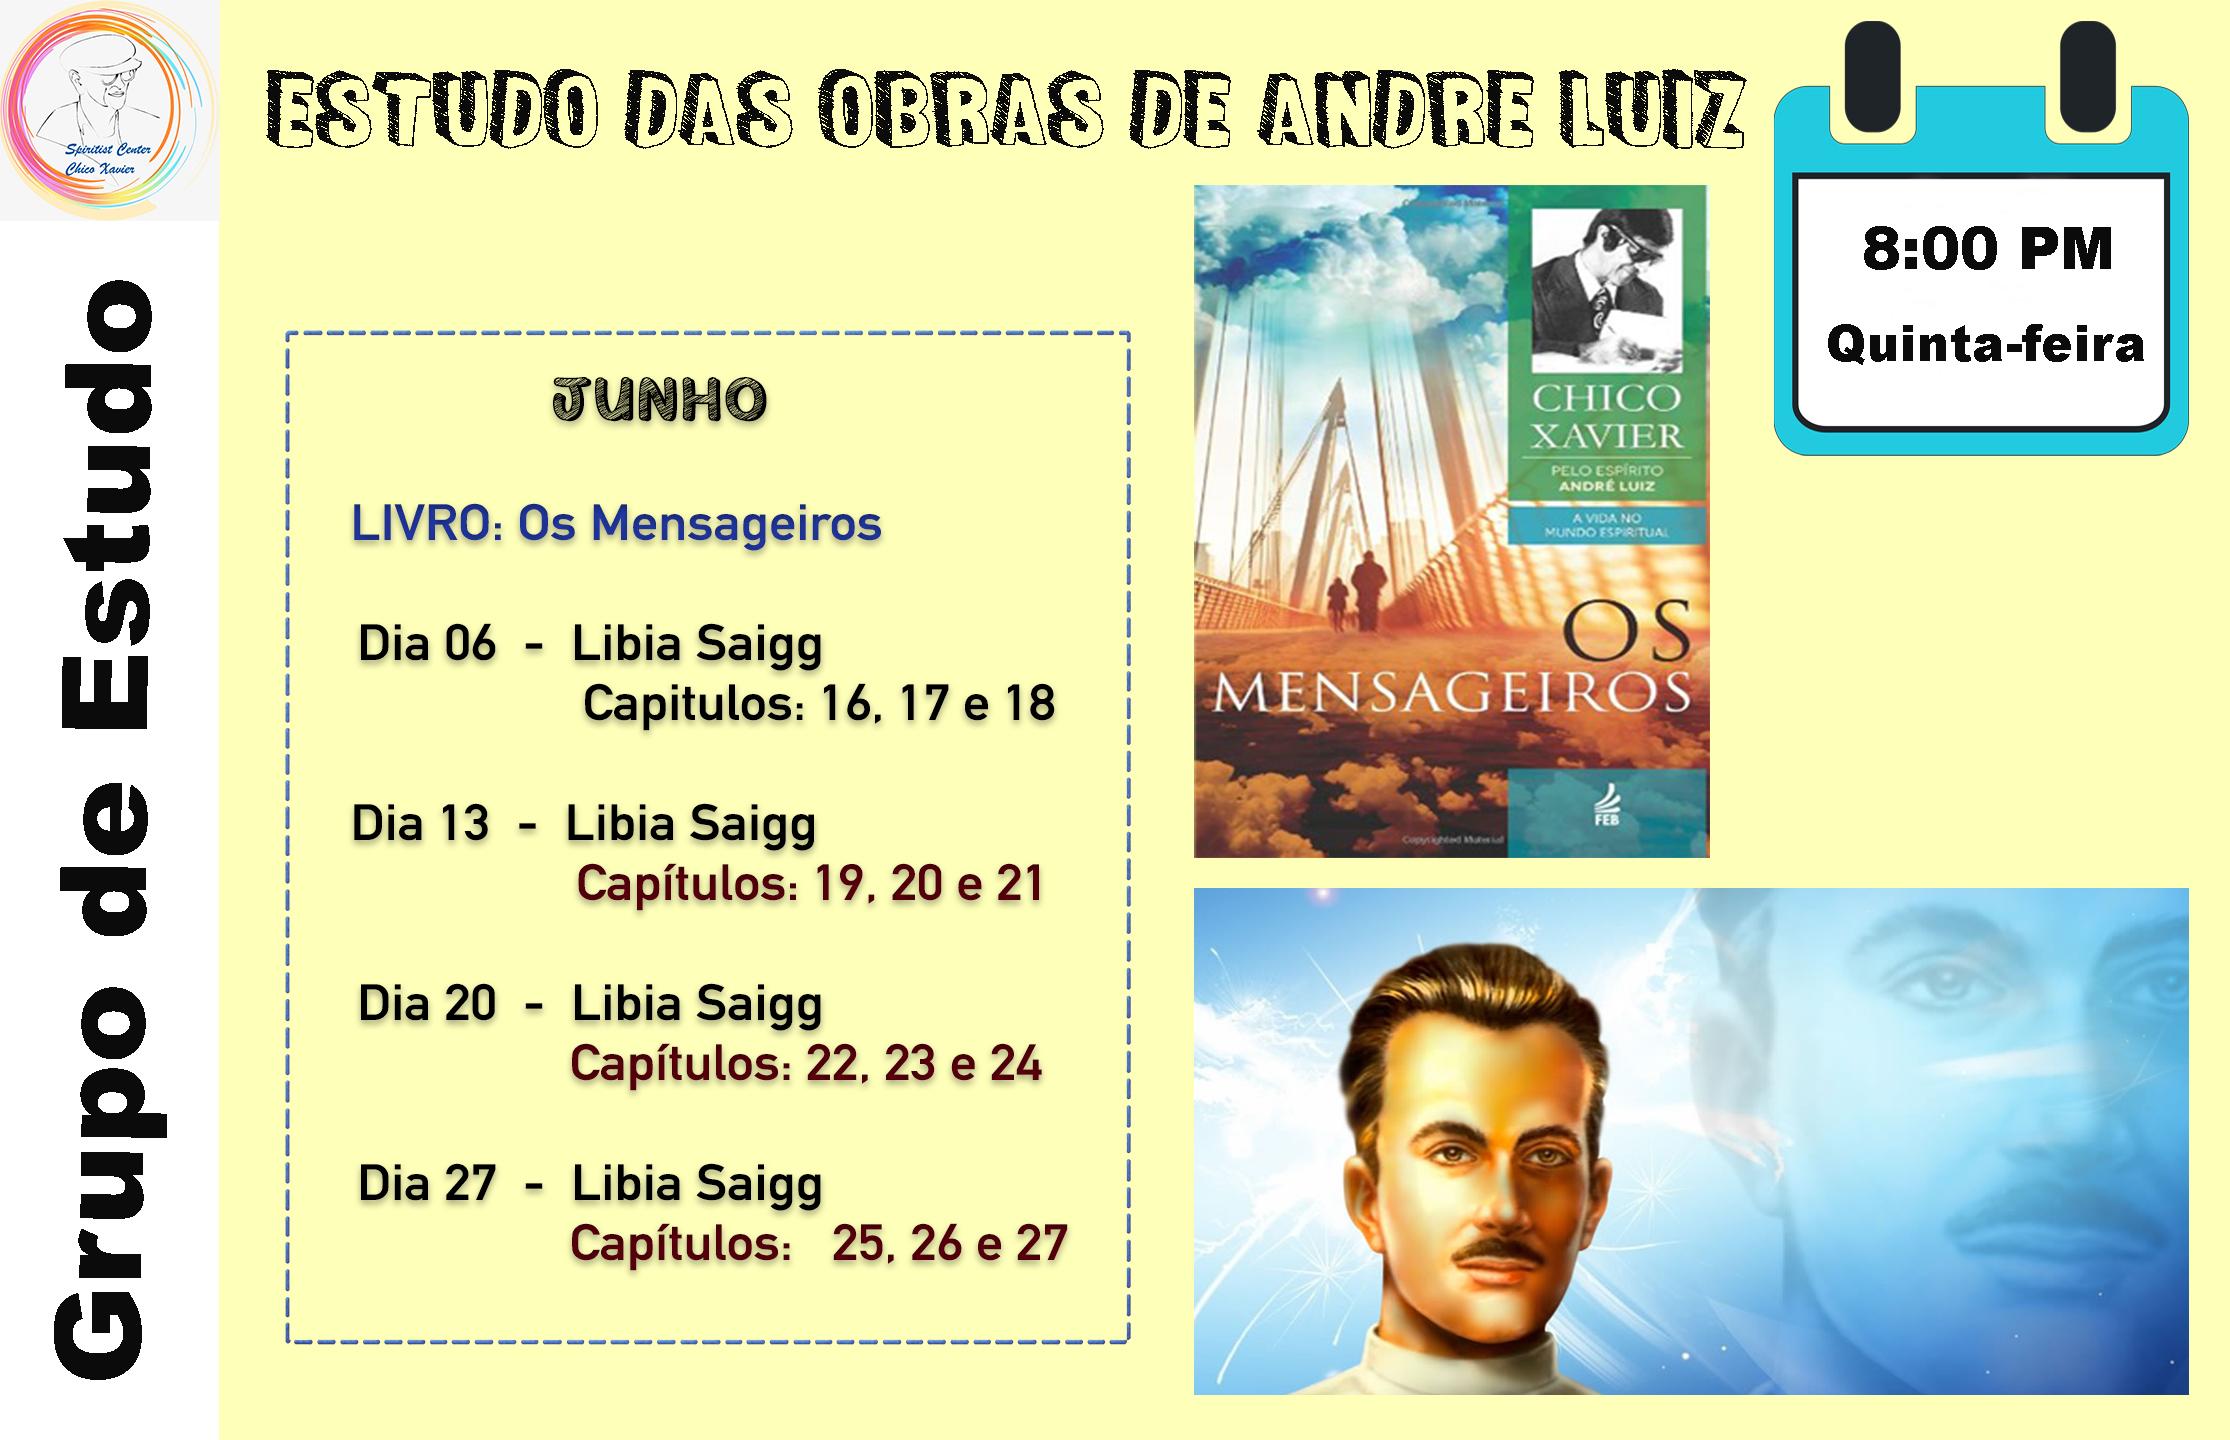 Estudos das Obras de Andre Luiz Junho